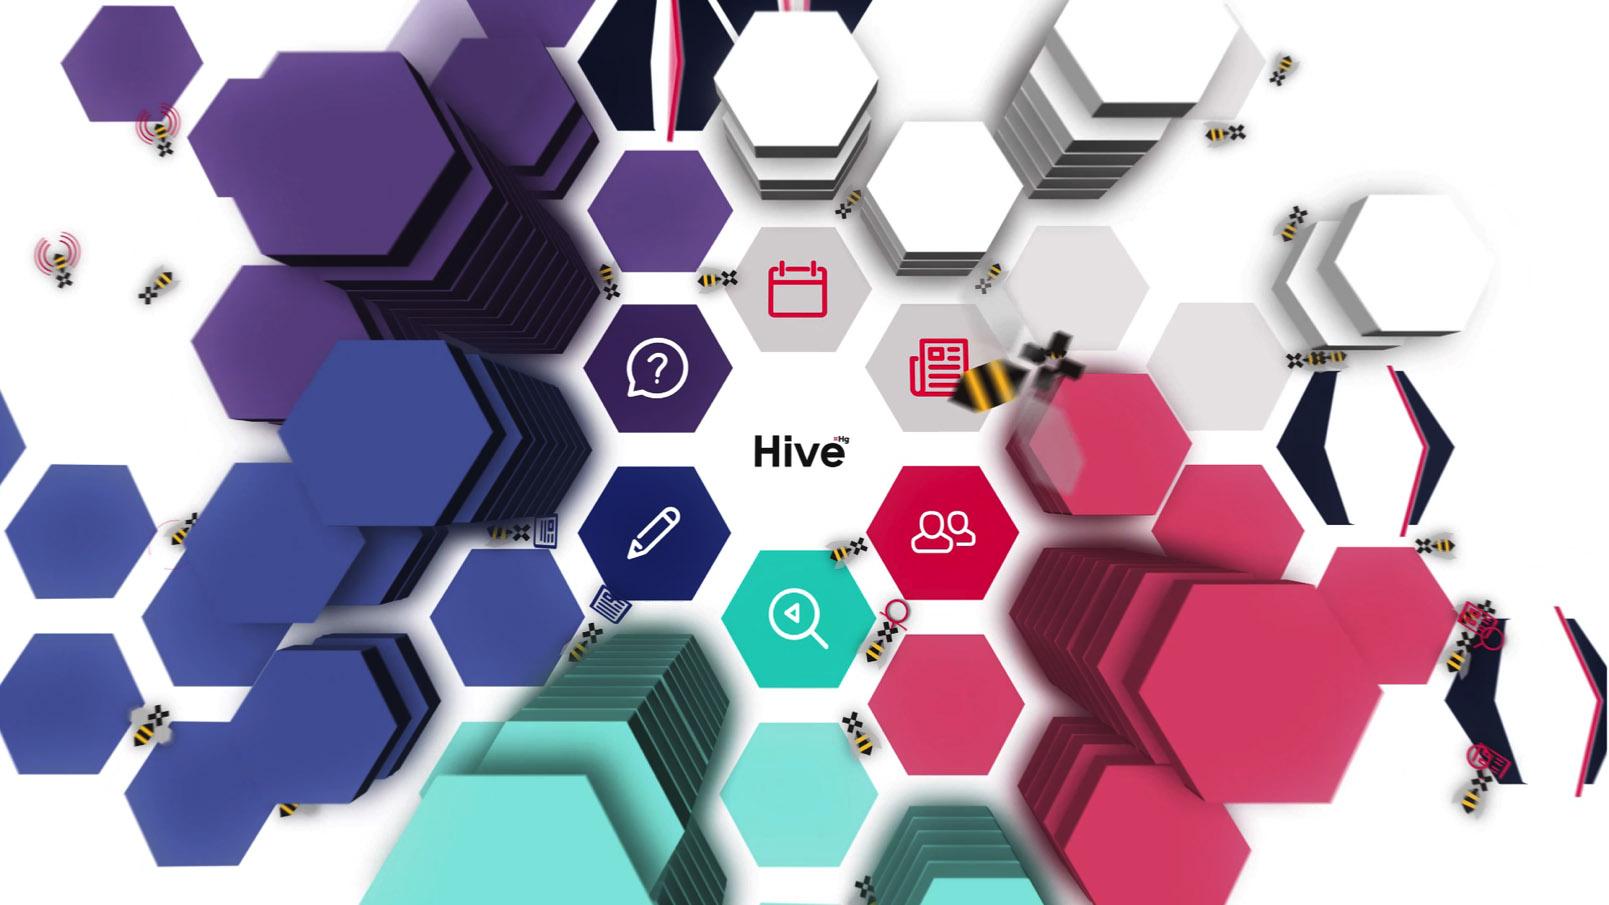 HG Hive